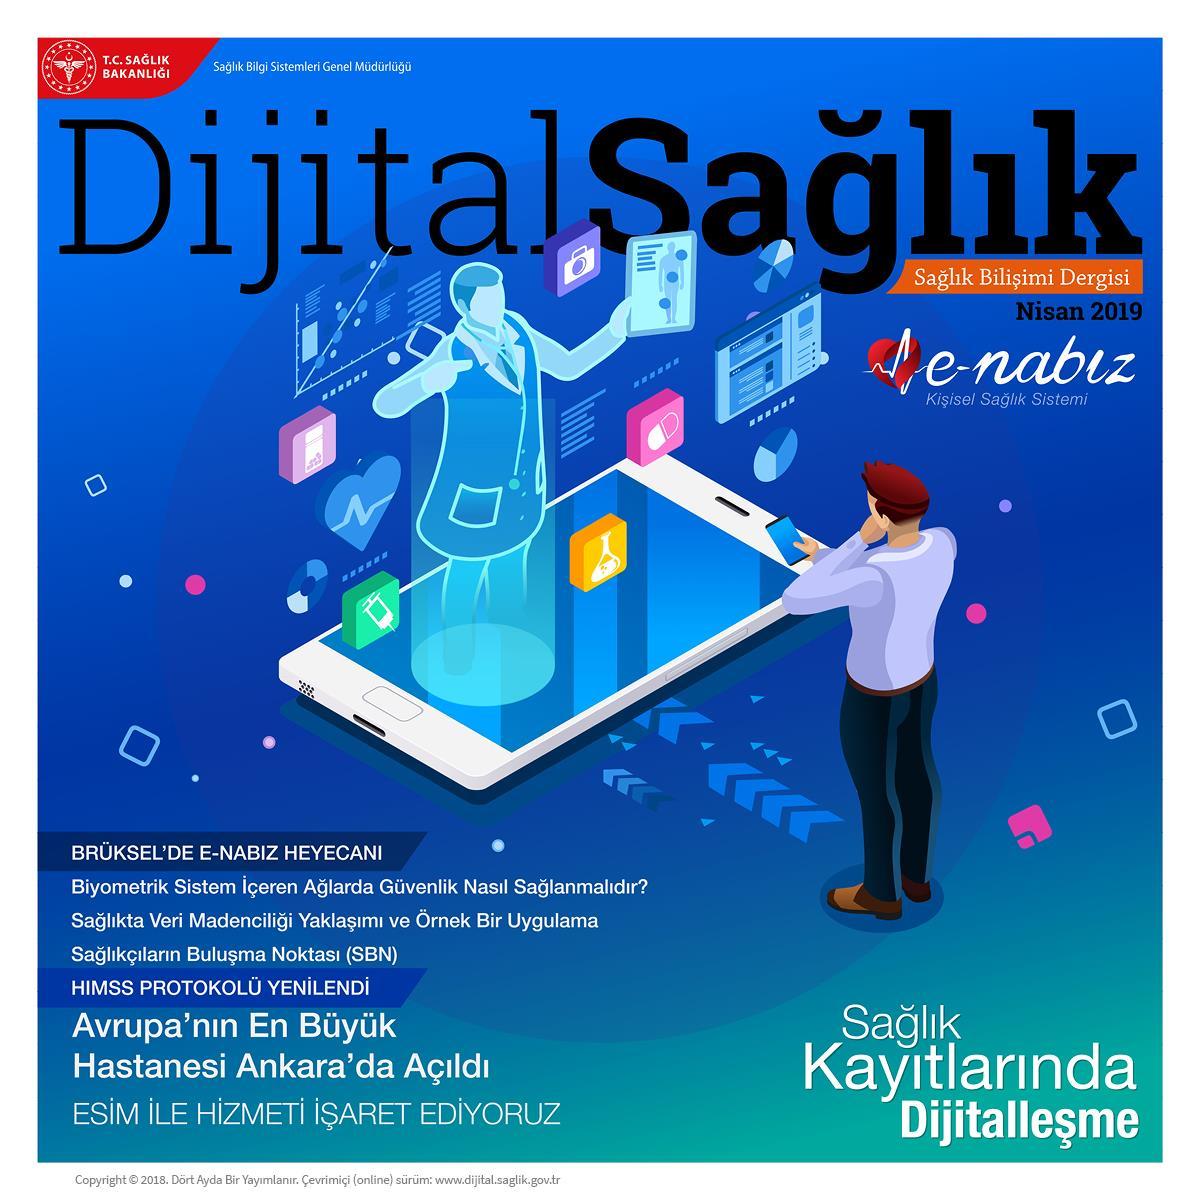 Dijital Sağlık Dergisi 3.Sayı